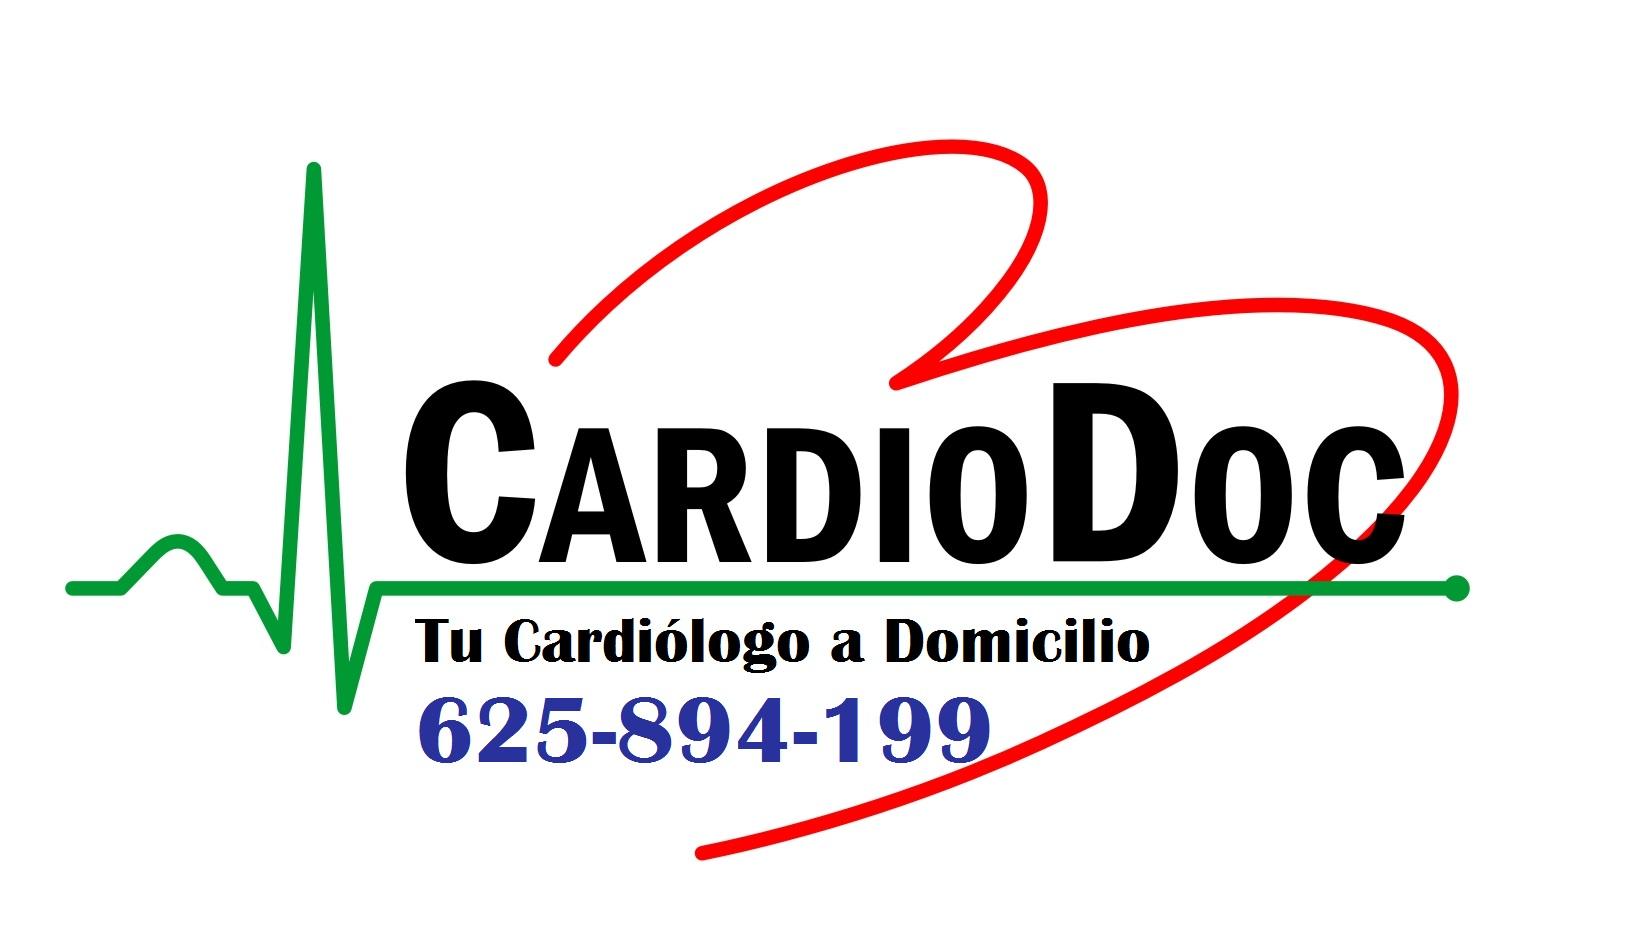 Visita el Facebook de CardioDoc